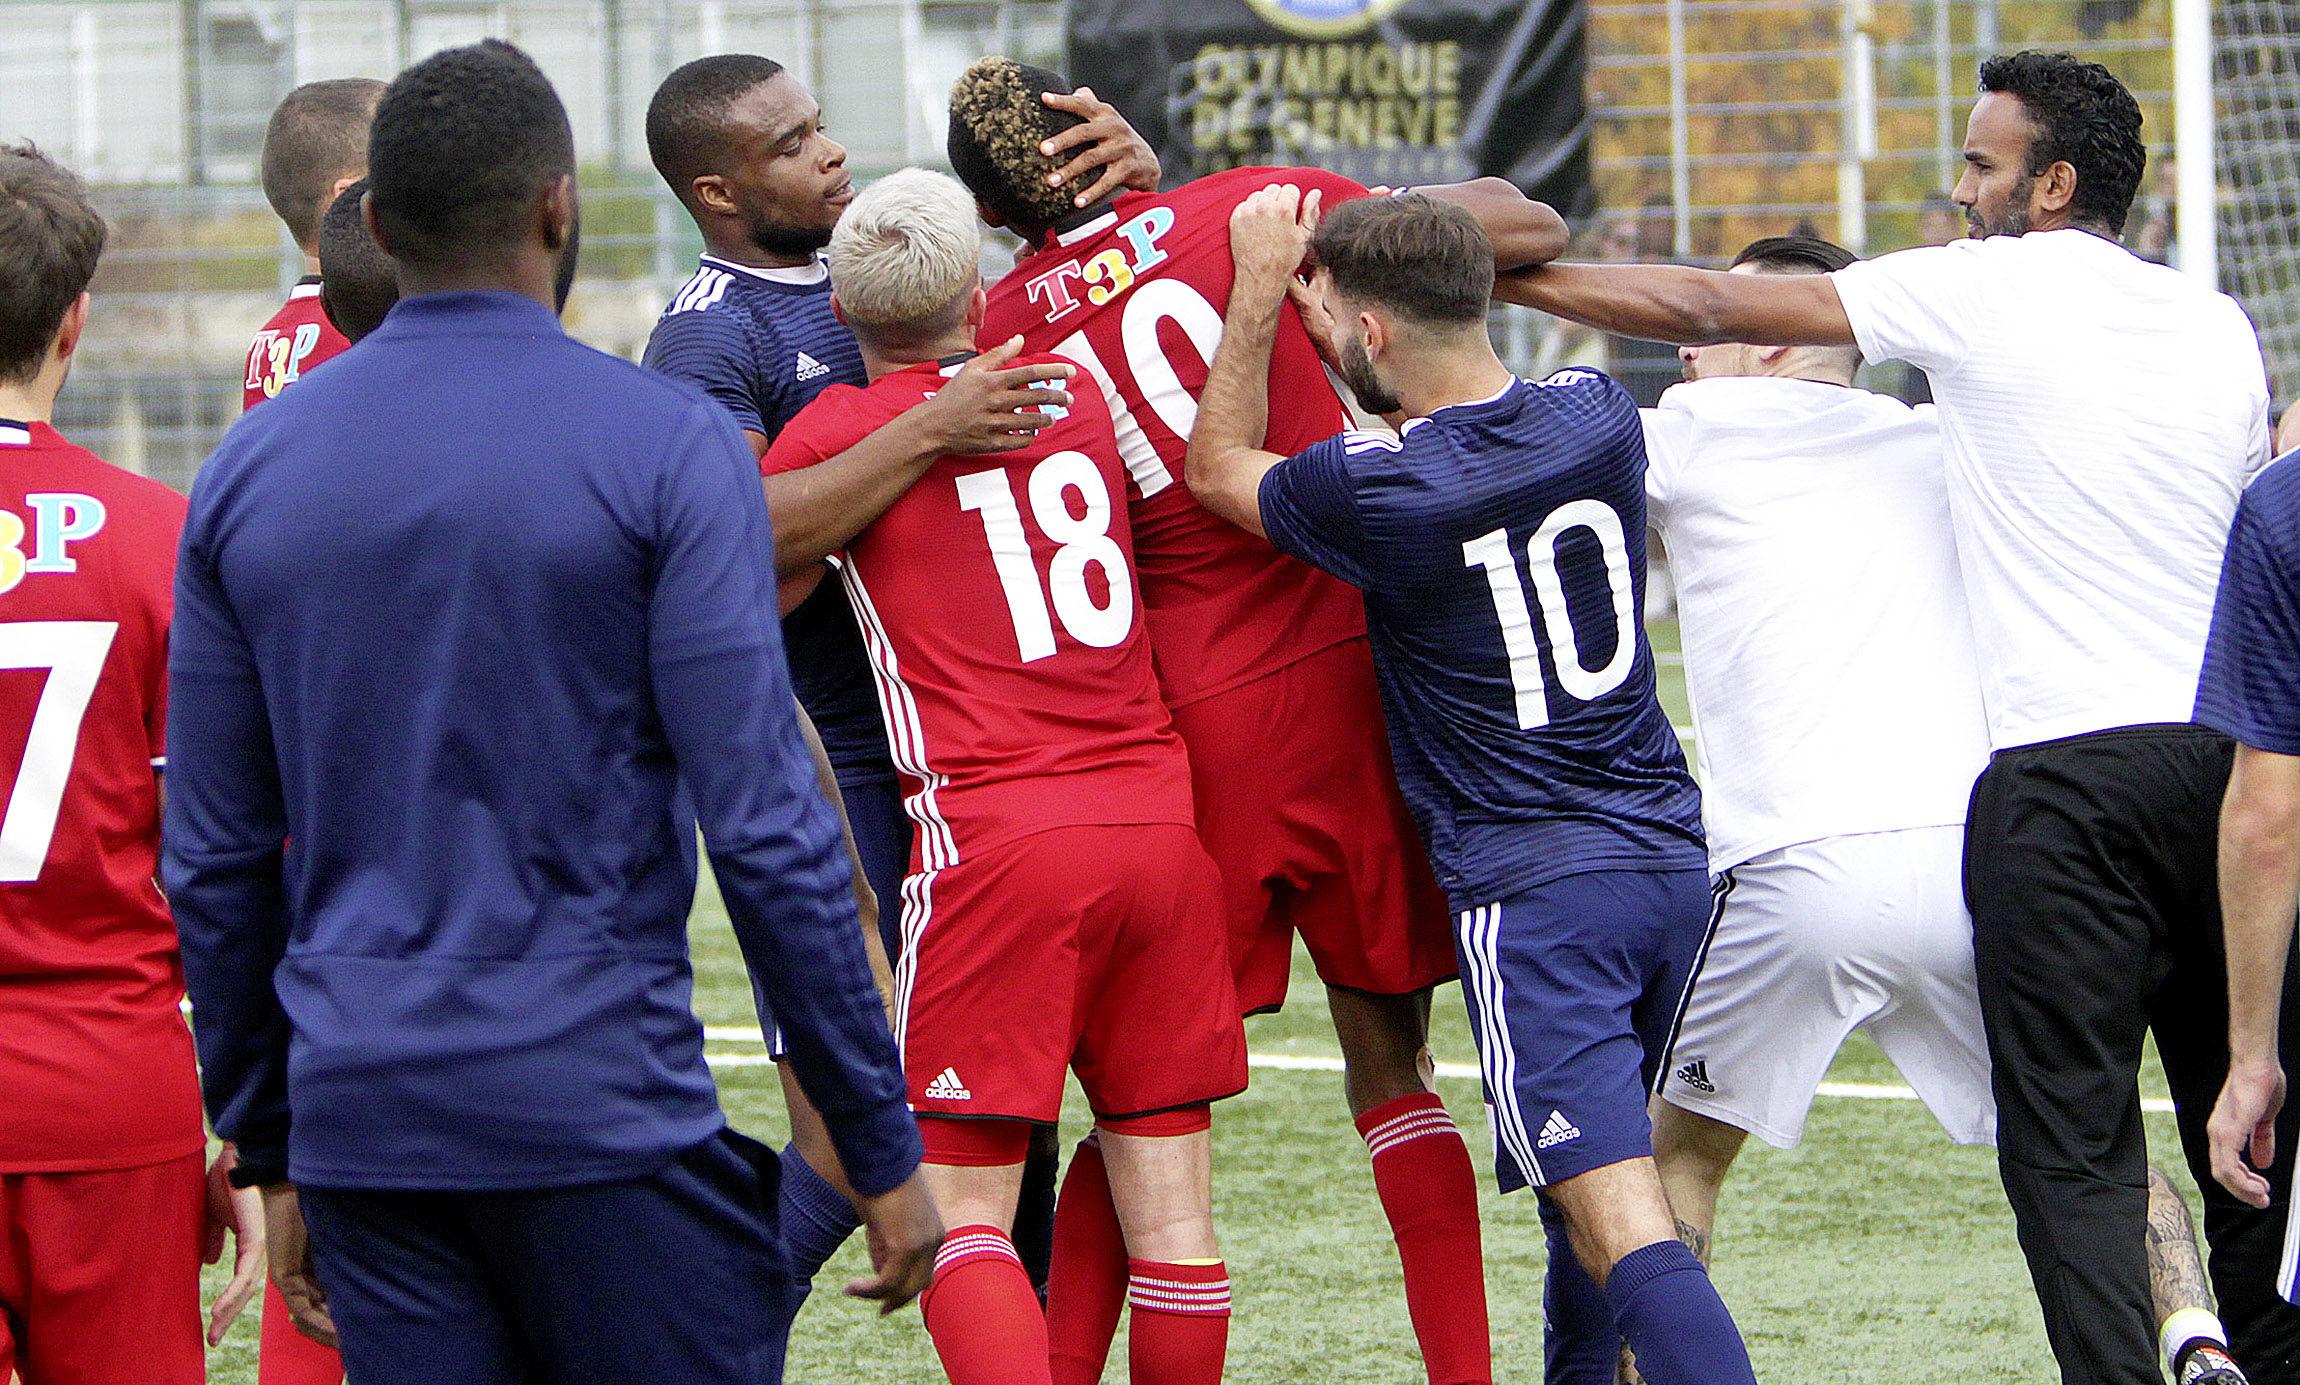 Football et violence, le cercle vicieux